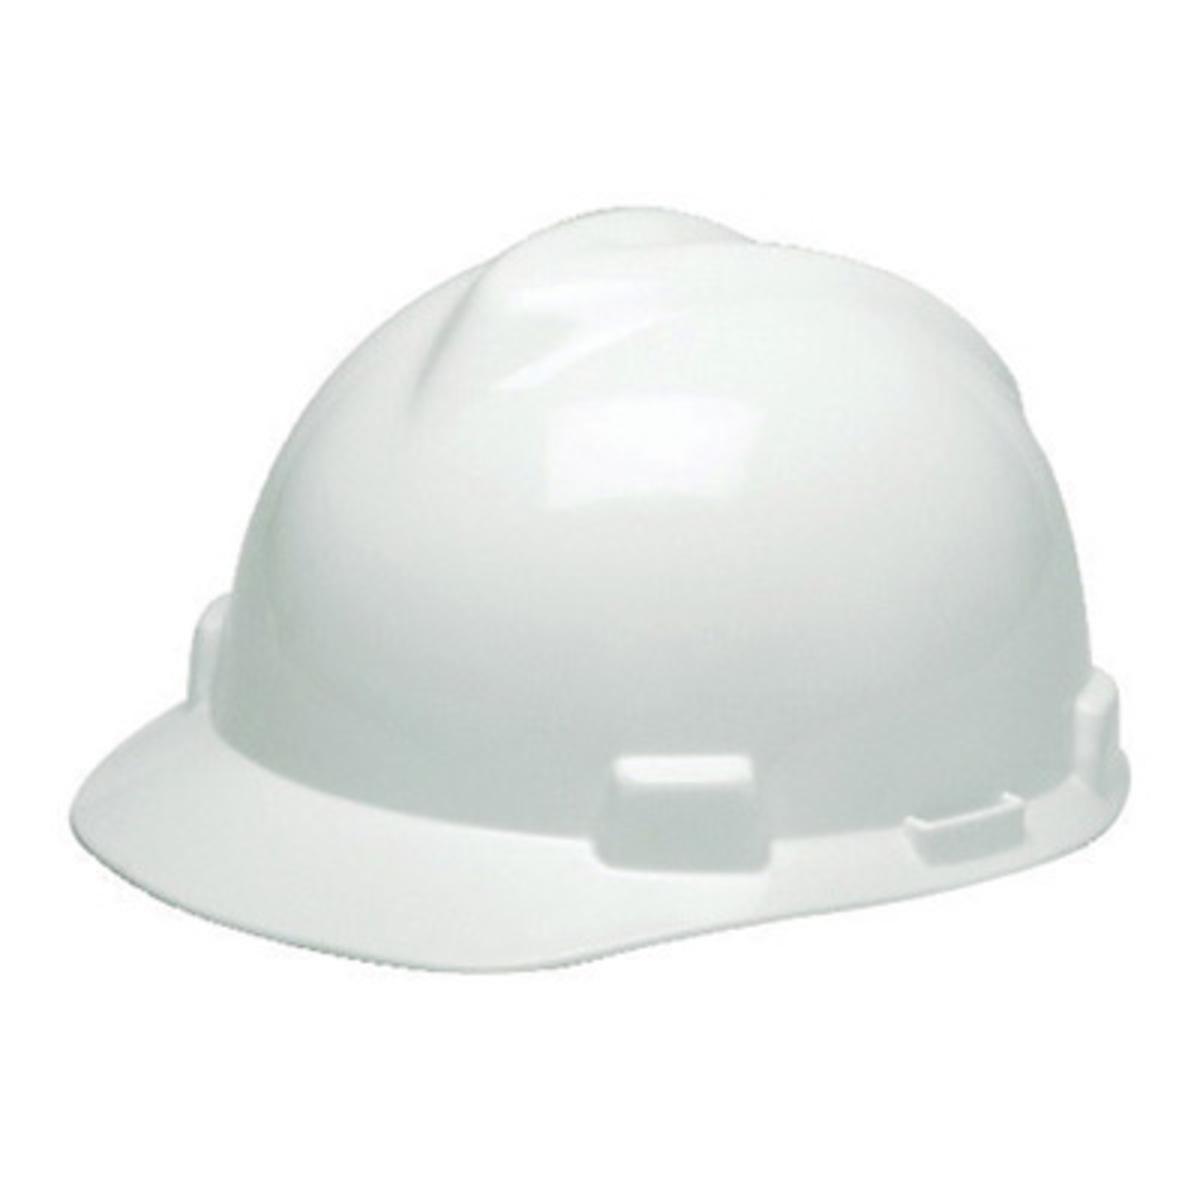 Airgas Msa815009 Msa White V Gard 174 Polyethylene